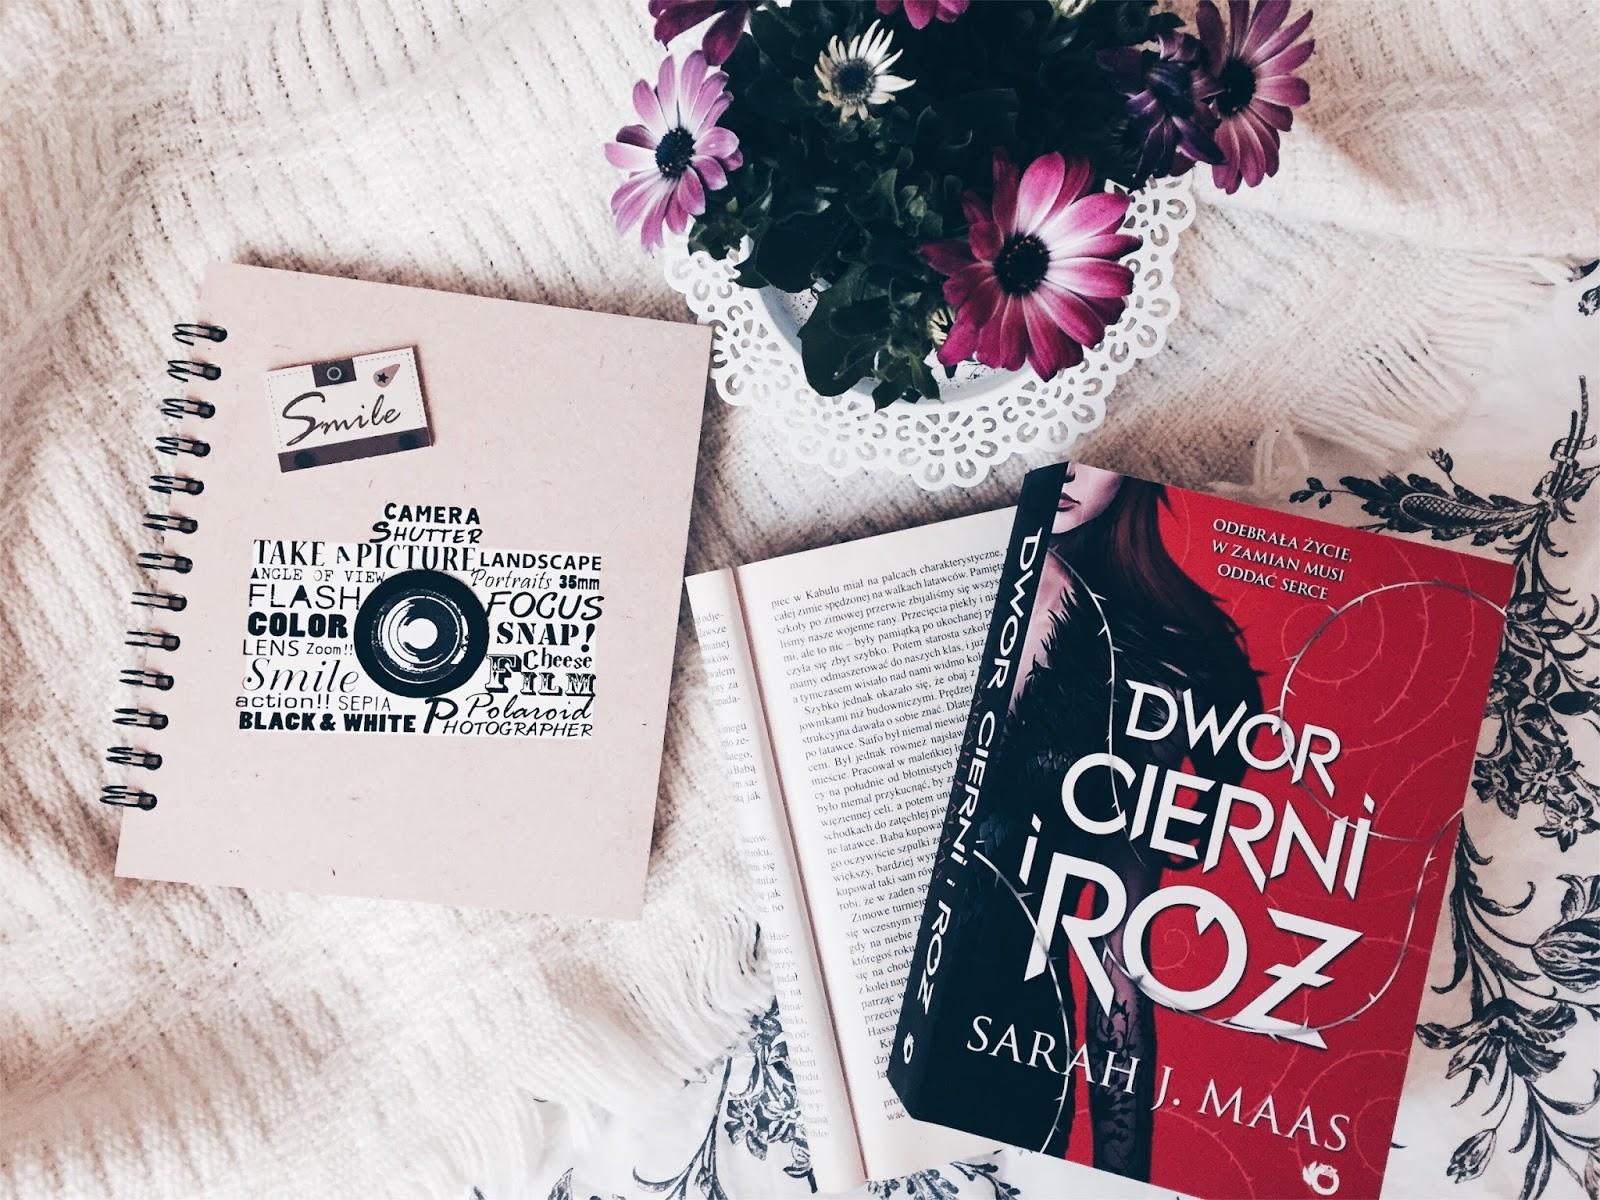 Dwór cierni i róż, Sarah J. Maas